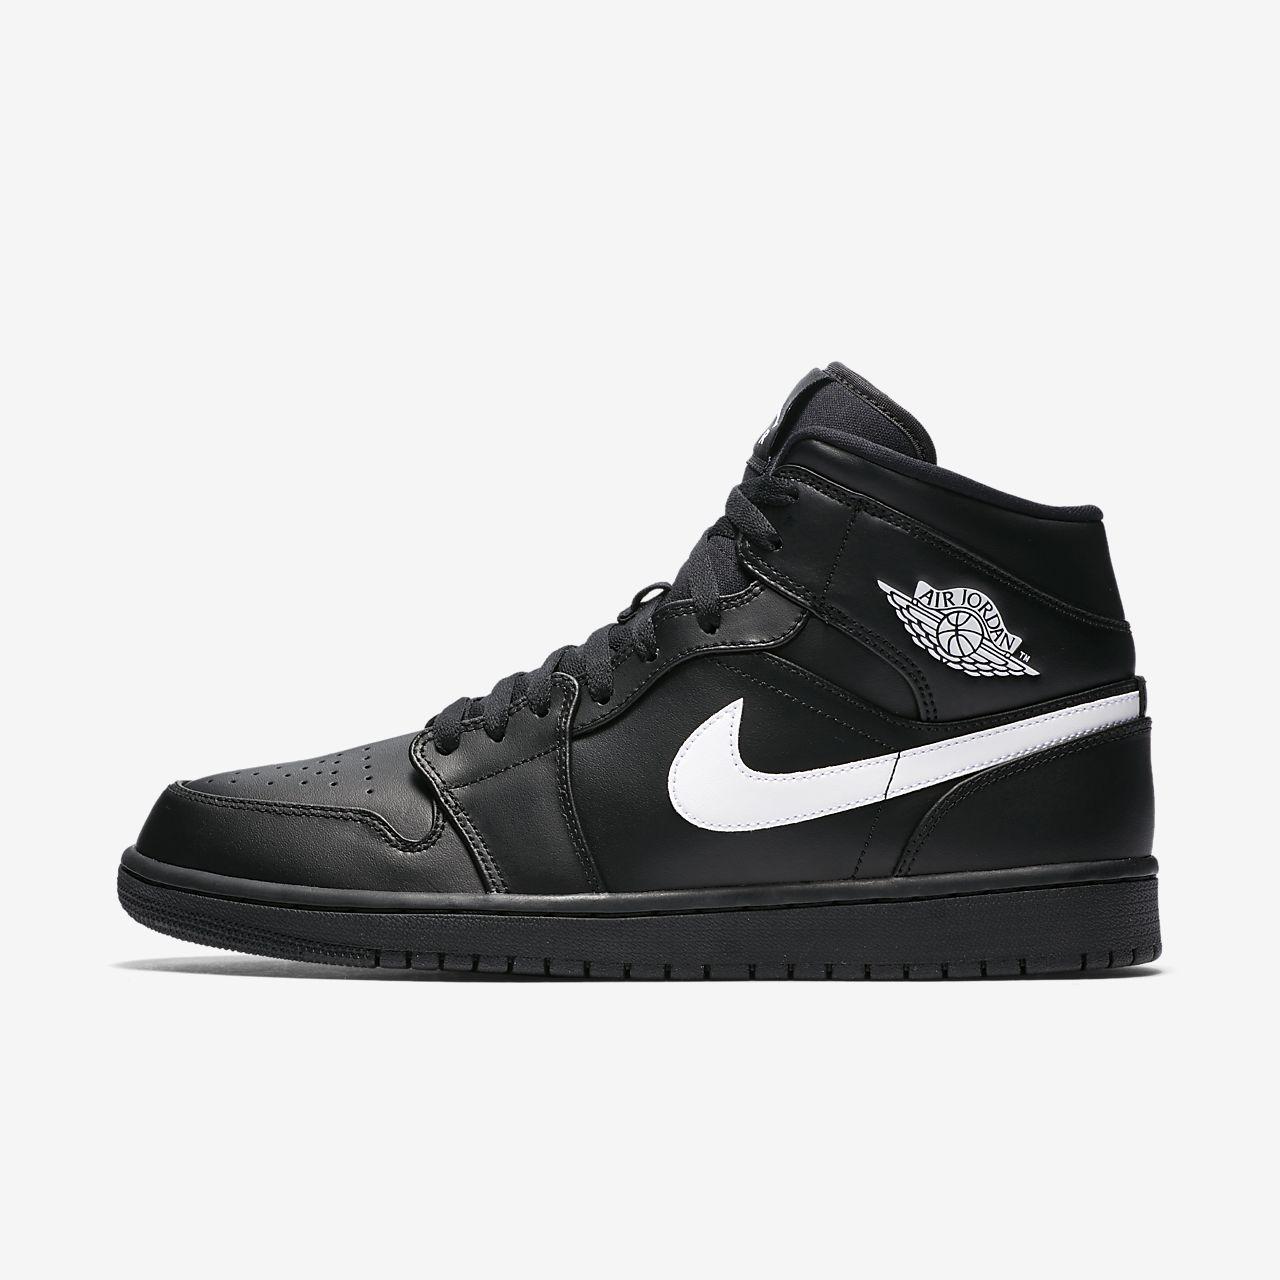 Best Price Air Jordan Shoes